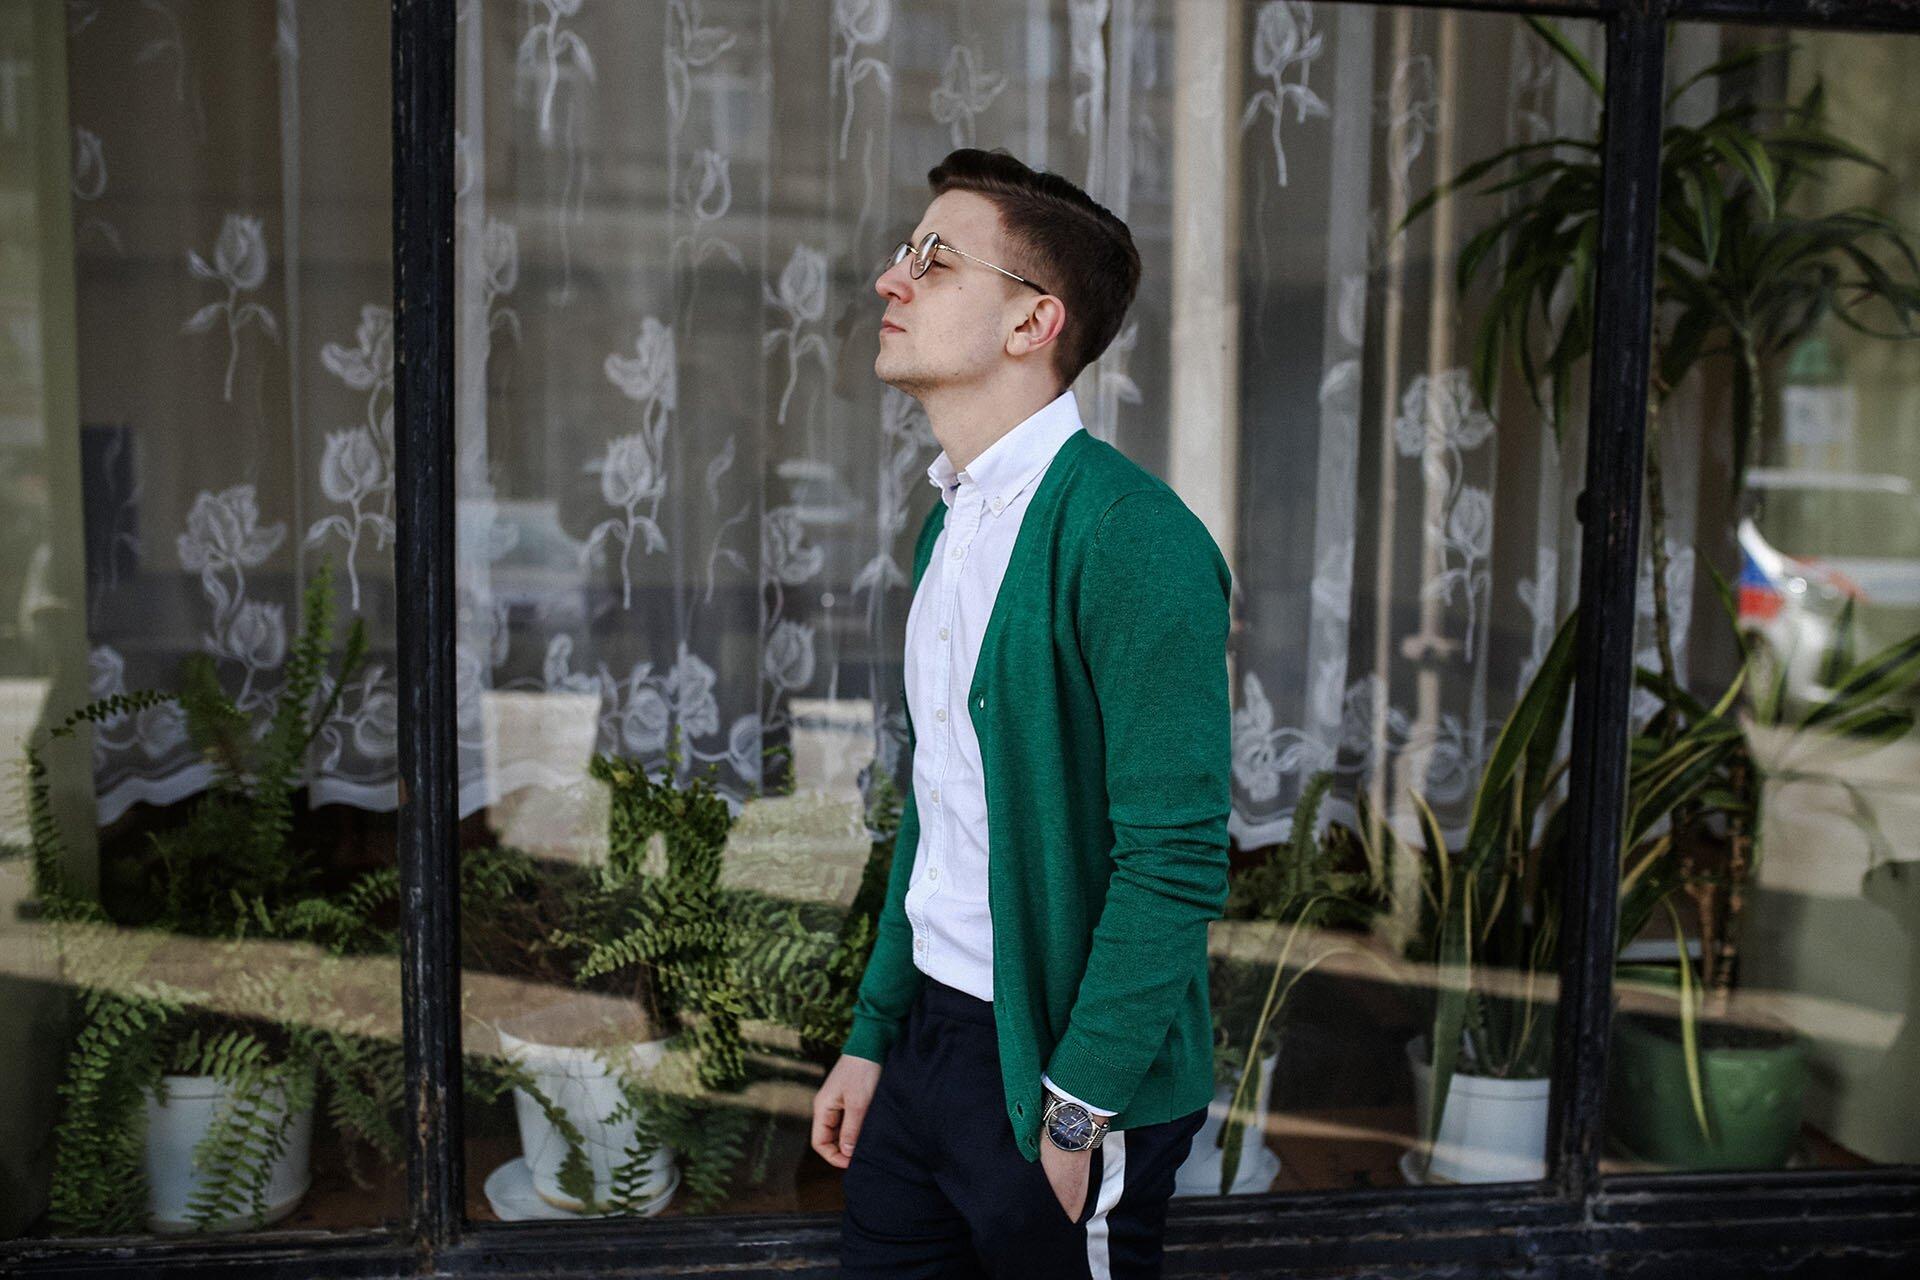 Spodnie z lampasami, Zielony kardigan, Męska stylizacja wiosenna, Moda męska wiosna 2018, Gmale, Blog o modzie męskiej